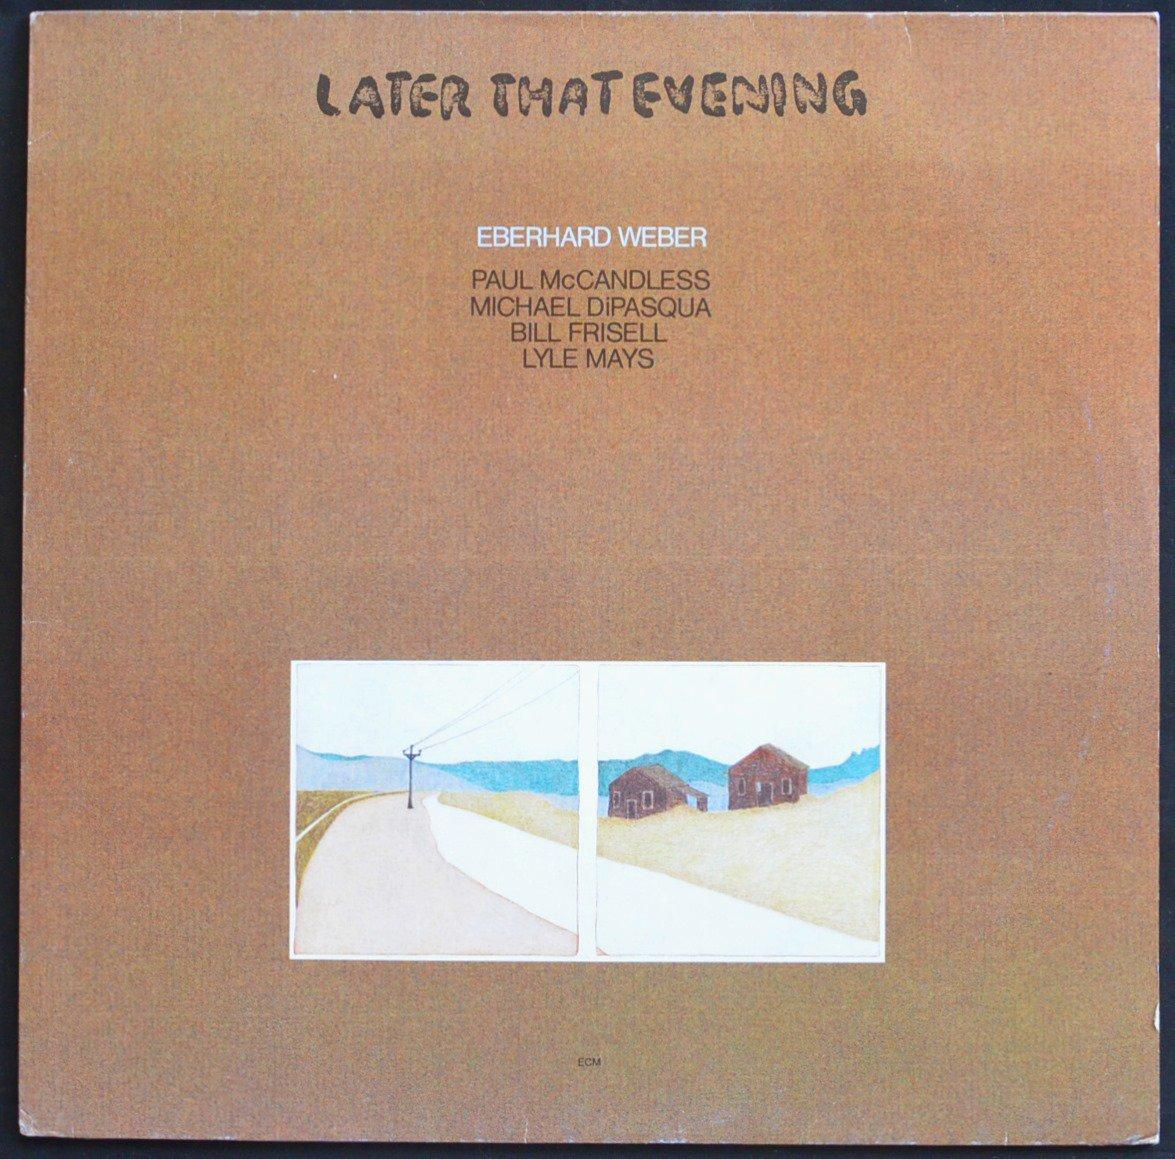 EBERHARD WEBER / LATER THAT EVENING (LP)